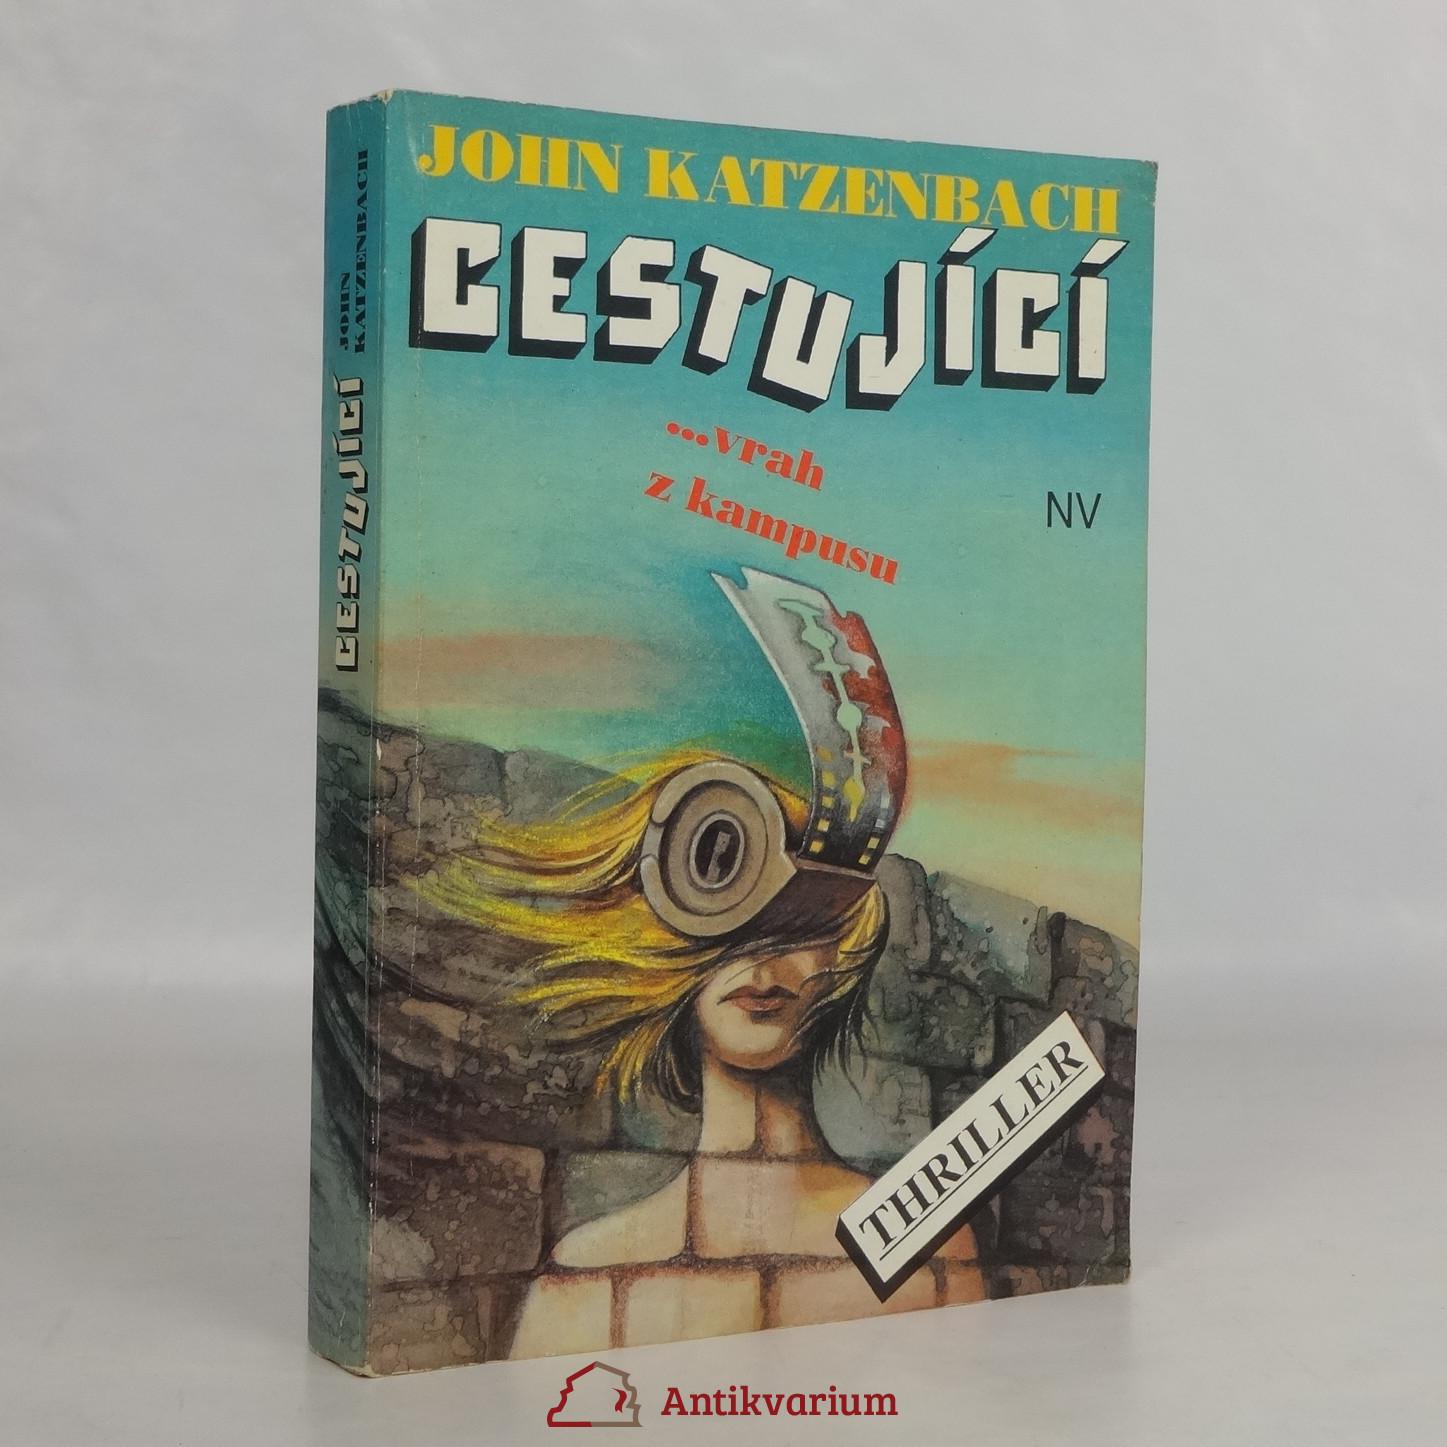 antikvární kniha Cestující: ...vrah z kampusu, 1992